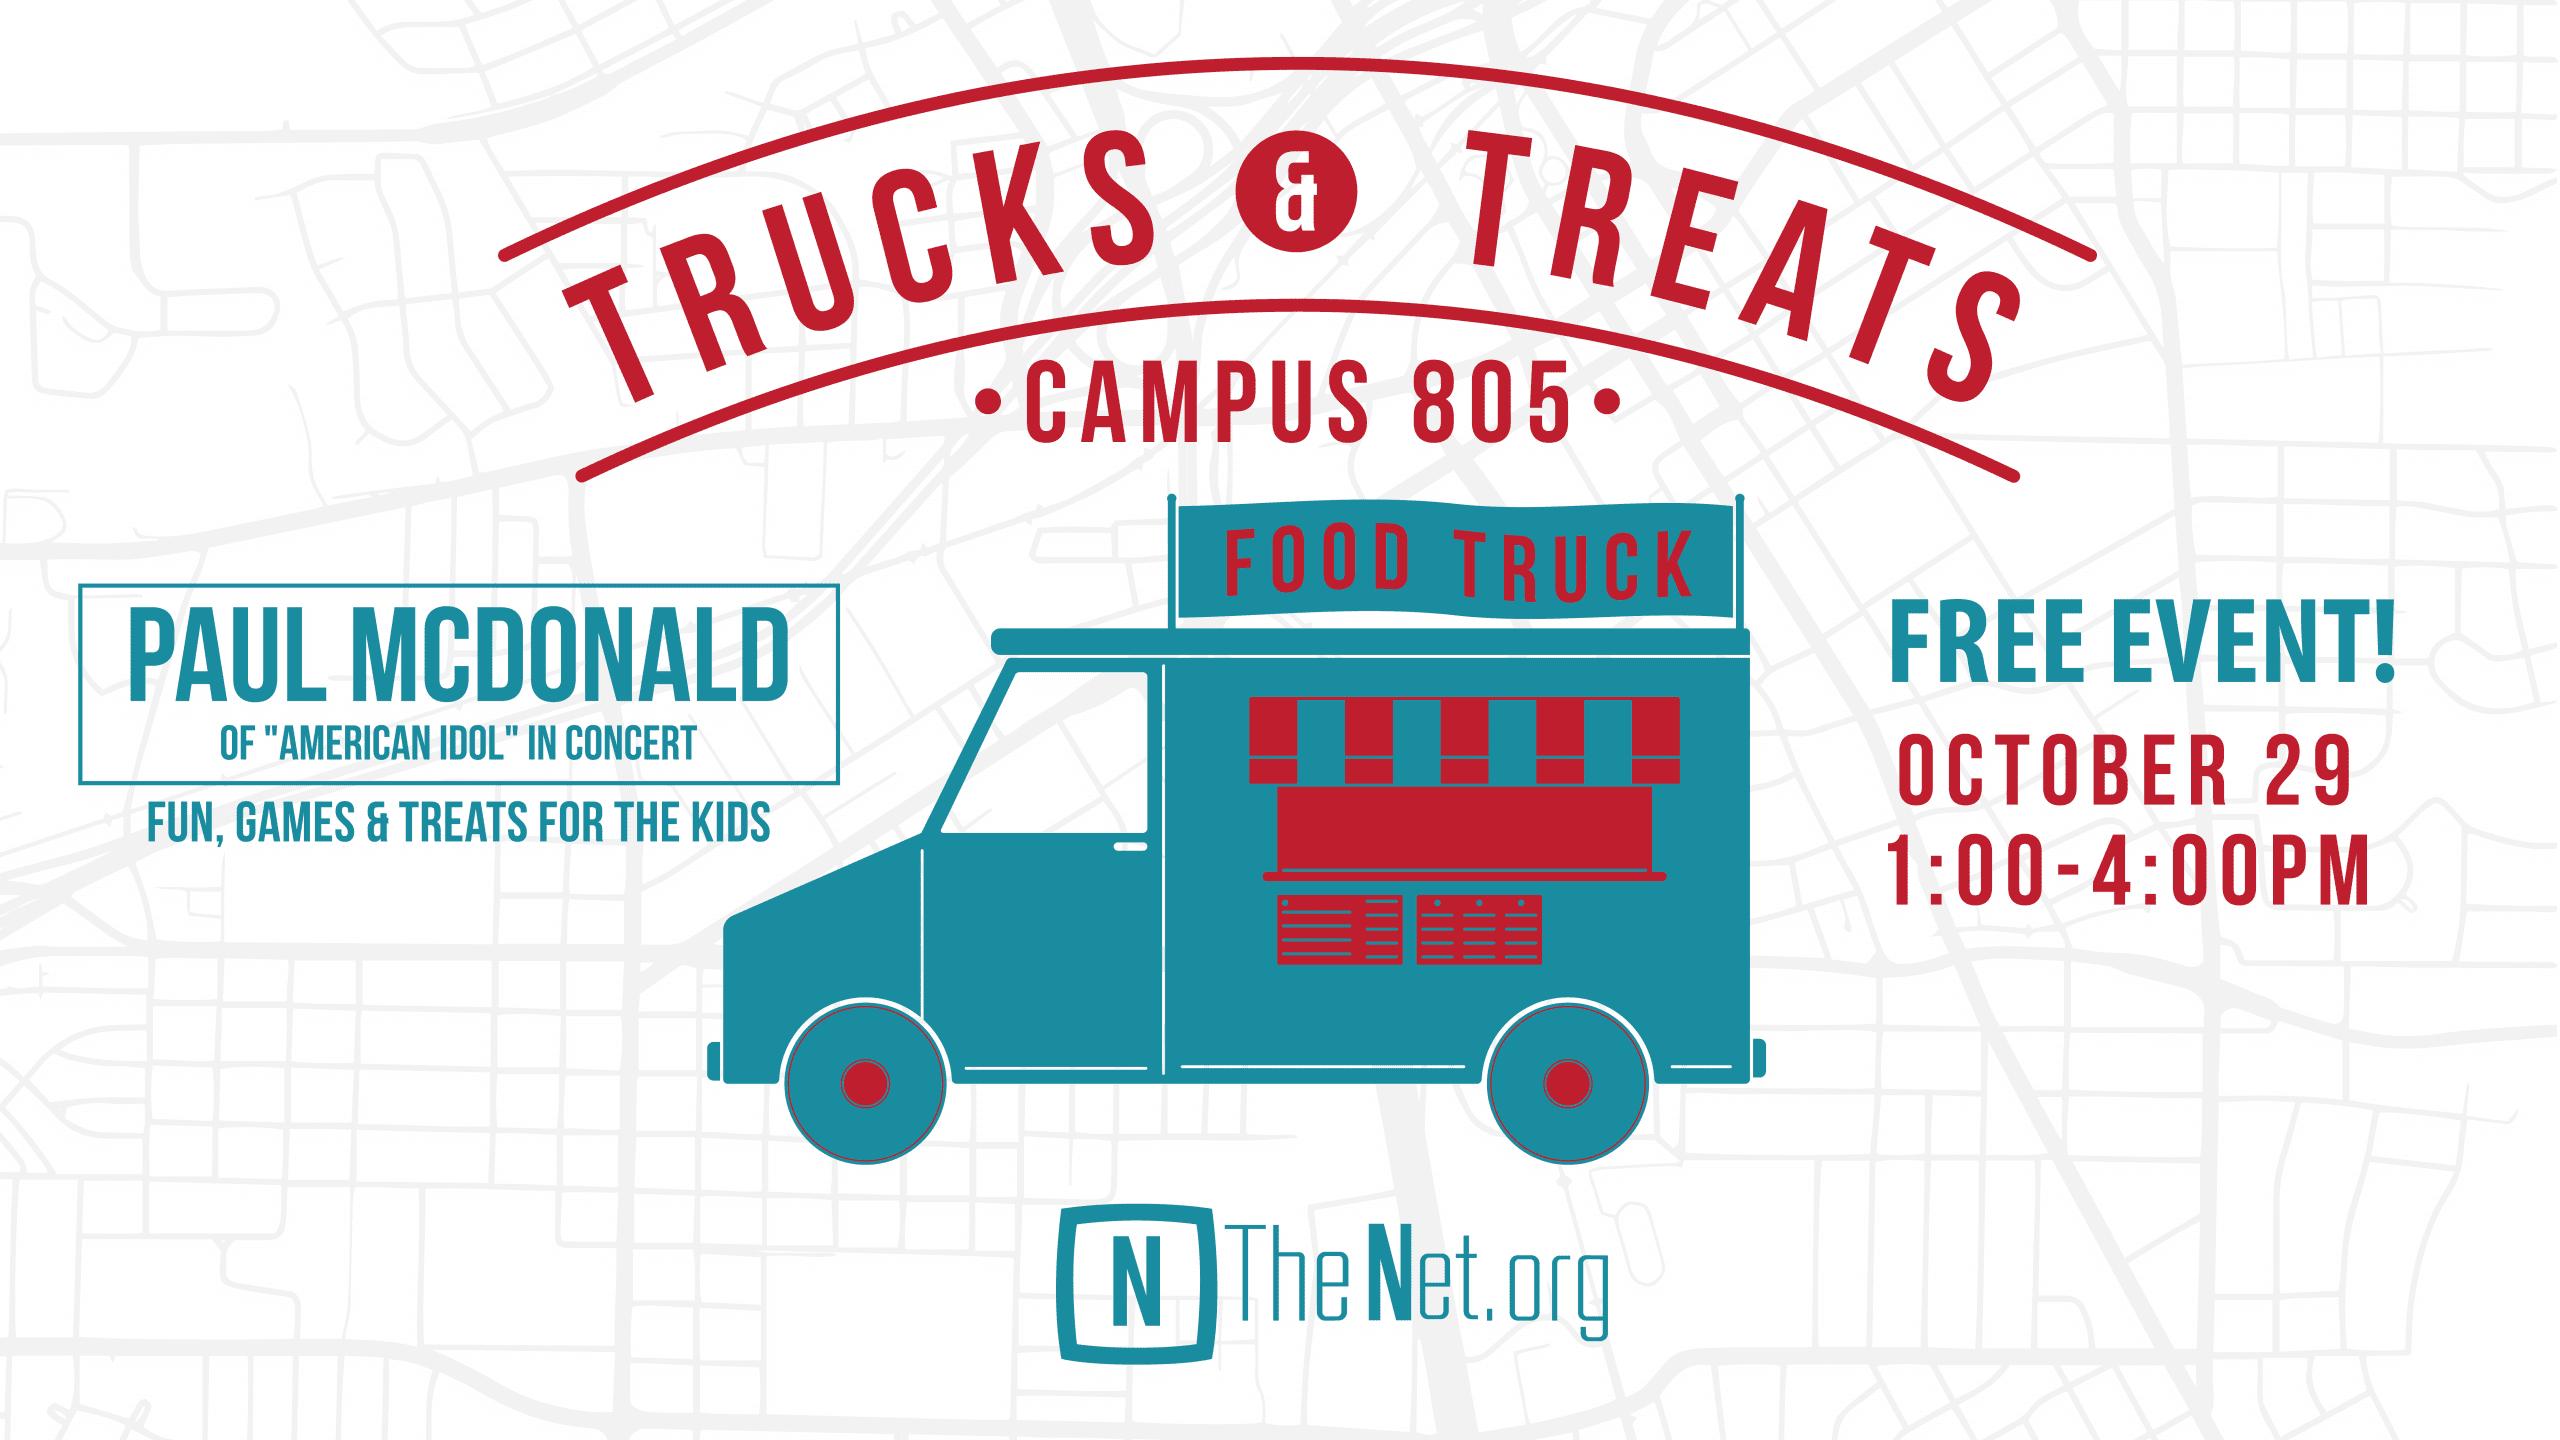 Trucks & Treats at Campus 805